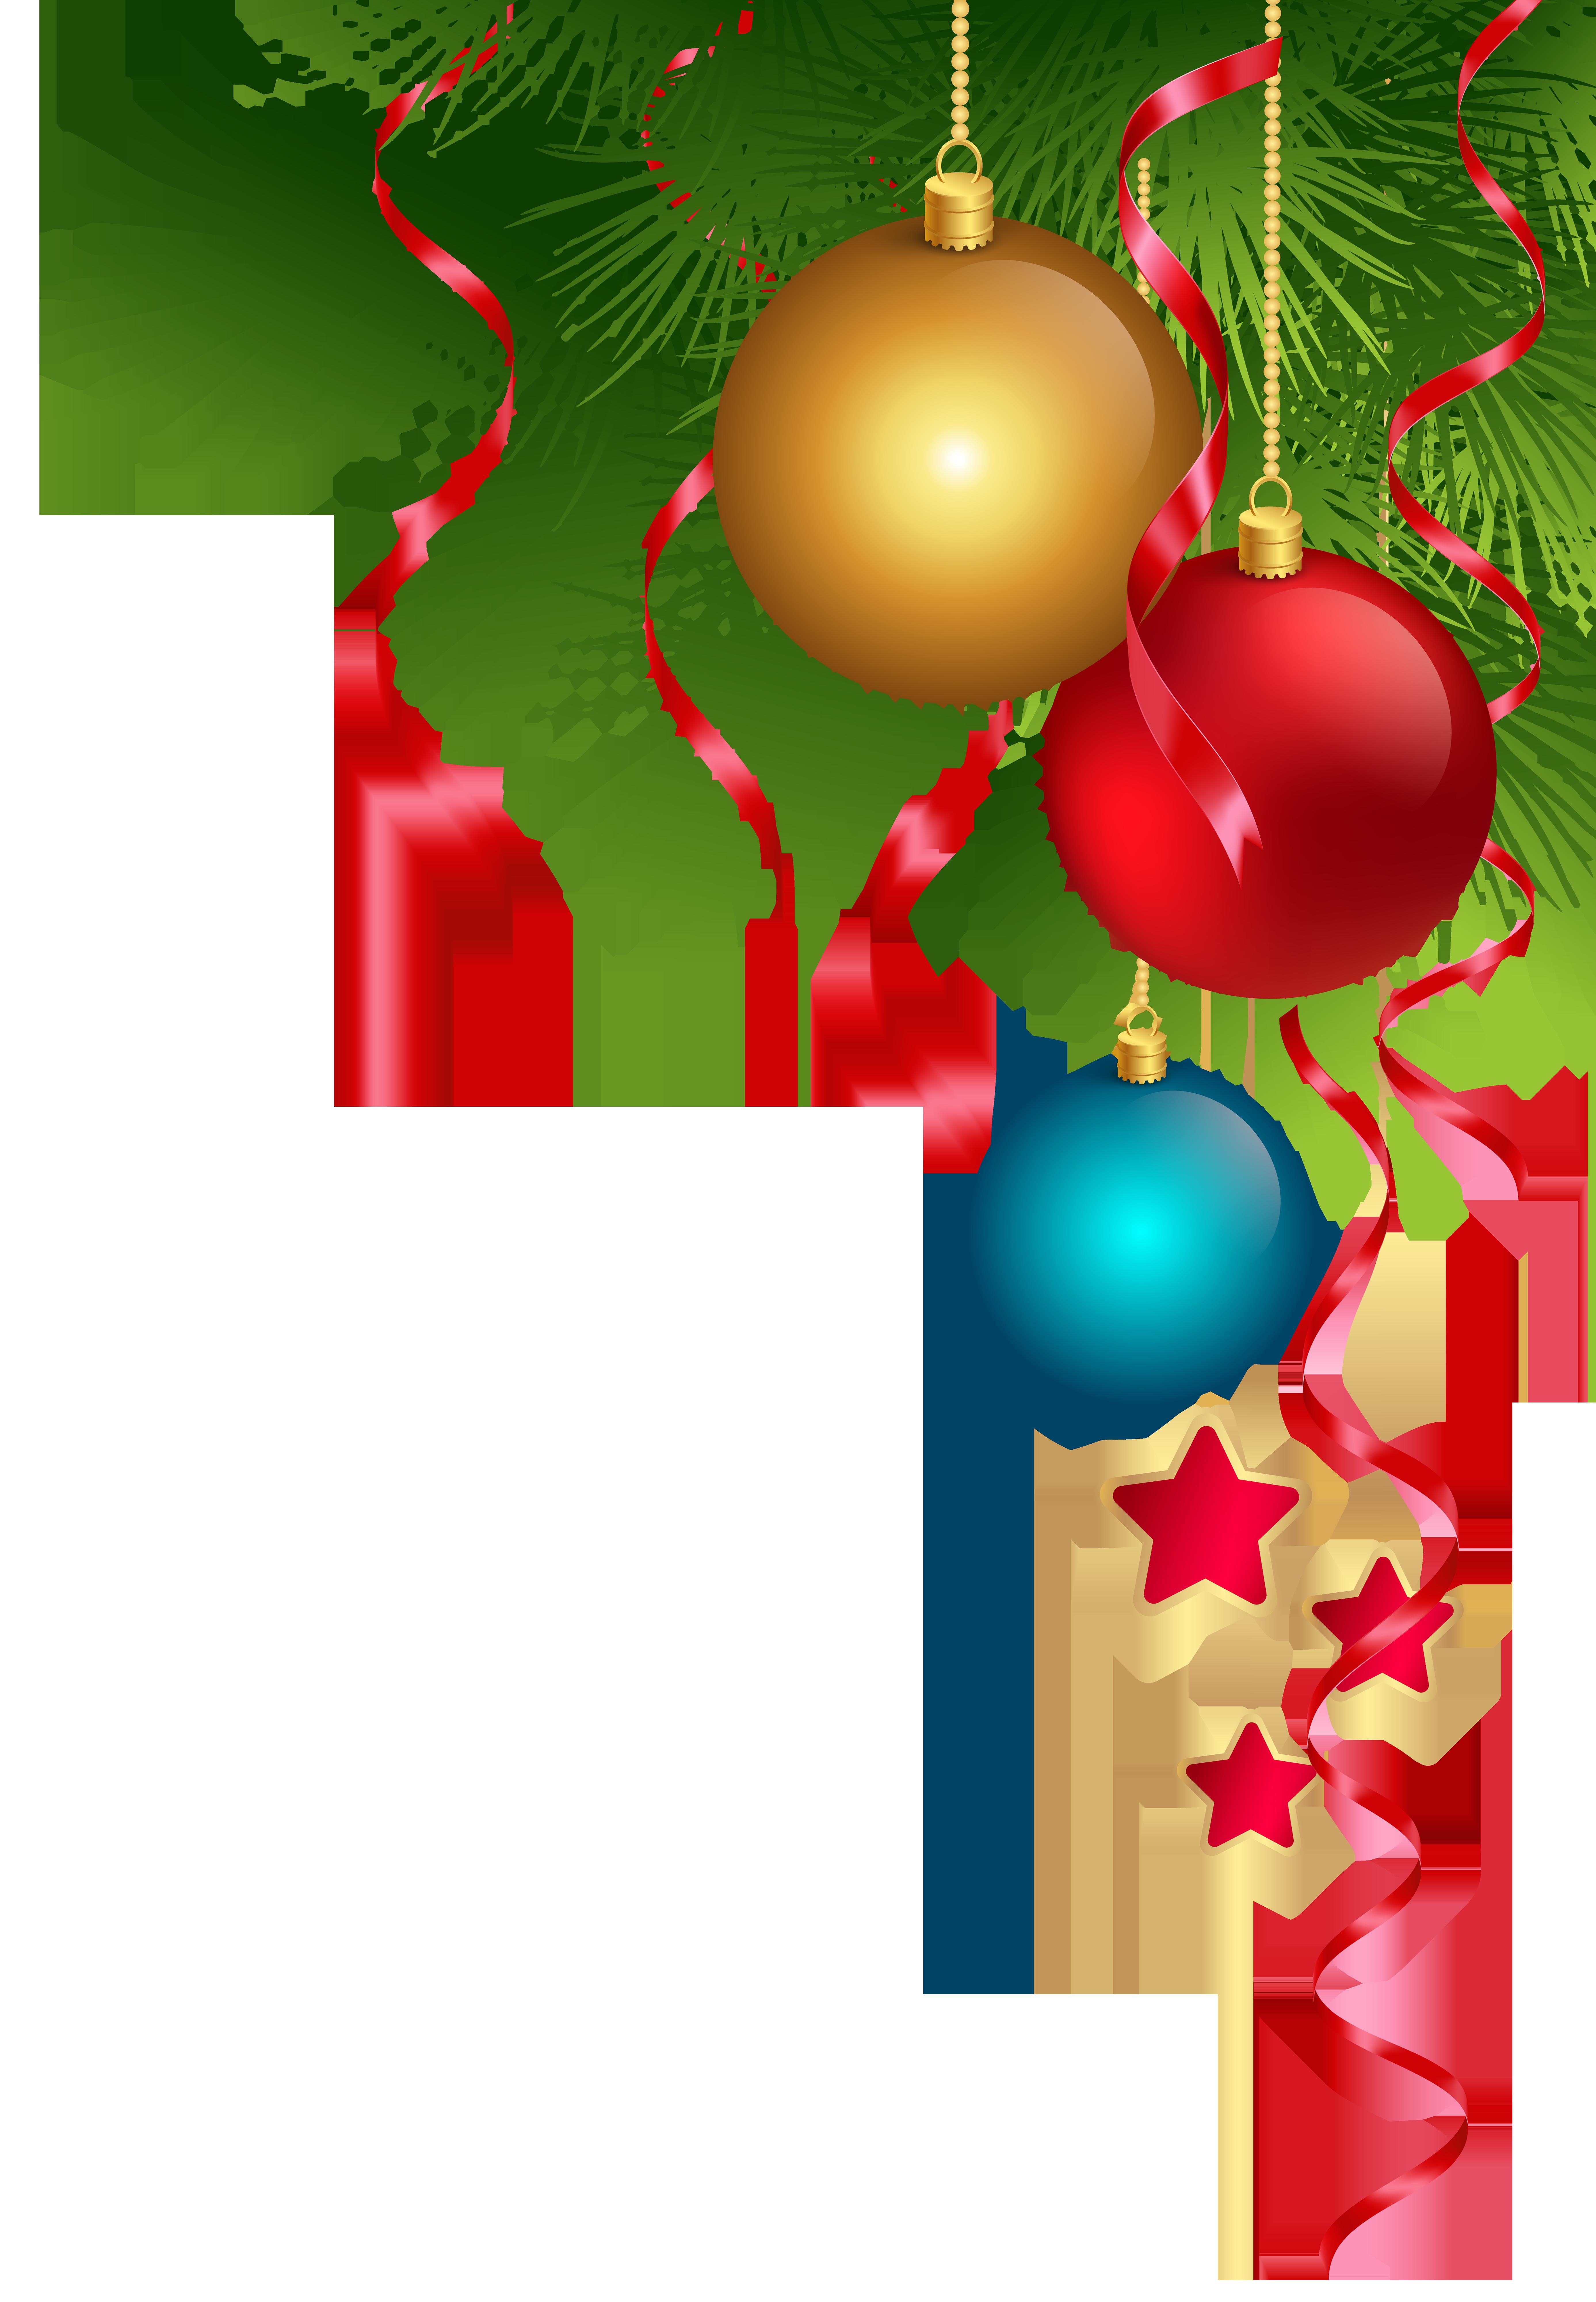 Transparent Christmas Decoration PNG Clip Art Image.